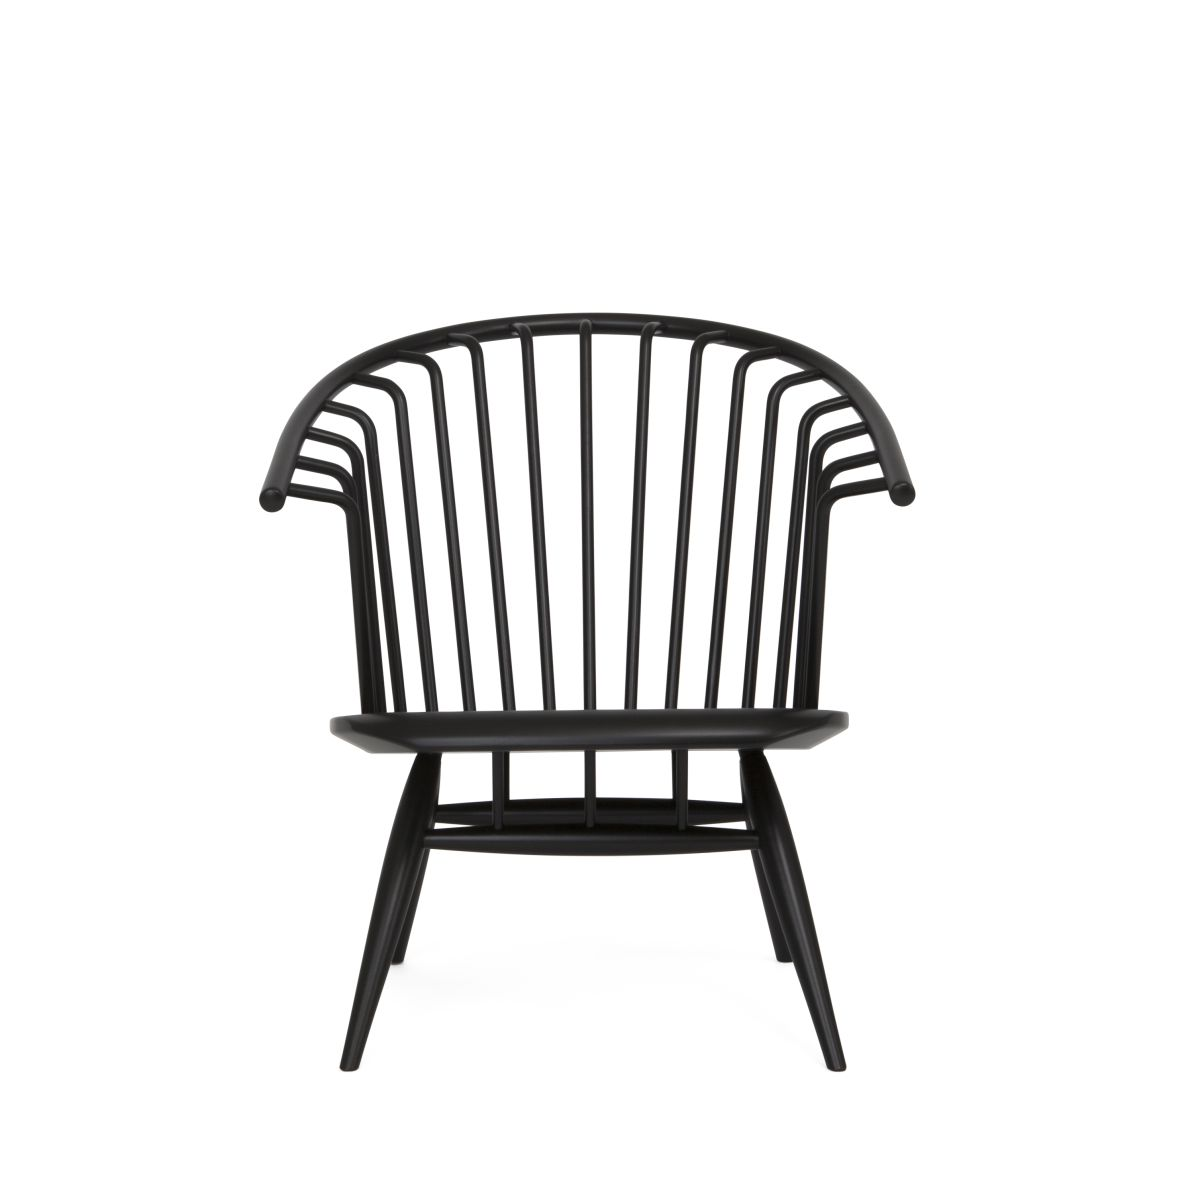 Crinolette-Armchair-Black-Lacquer-1846543